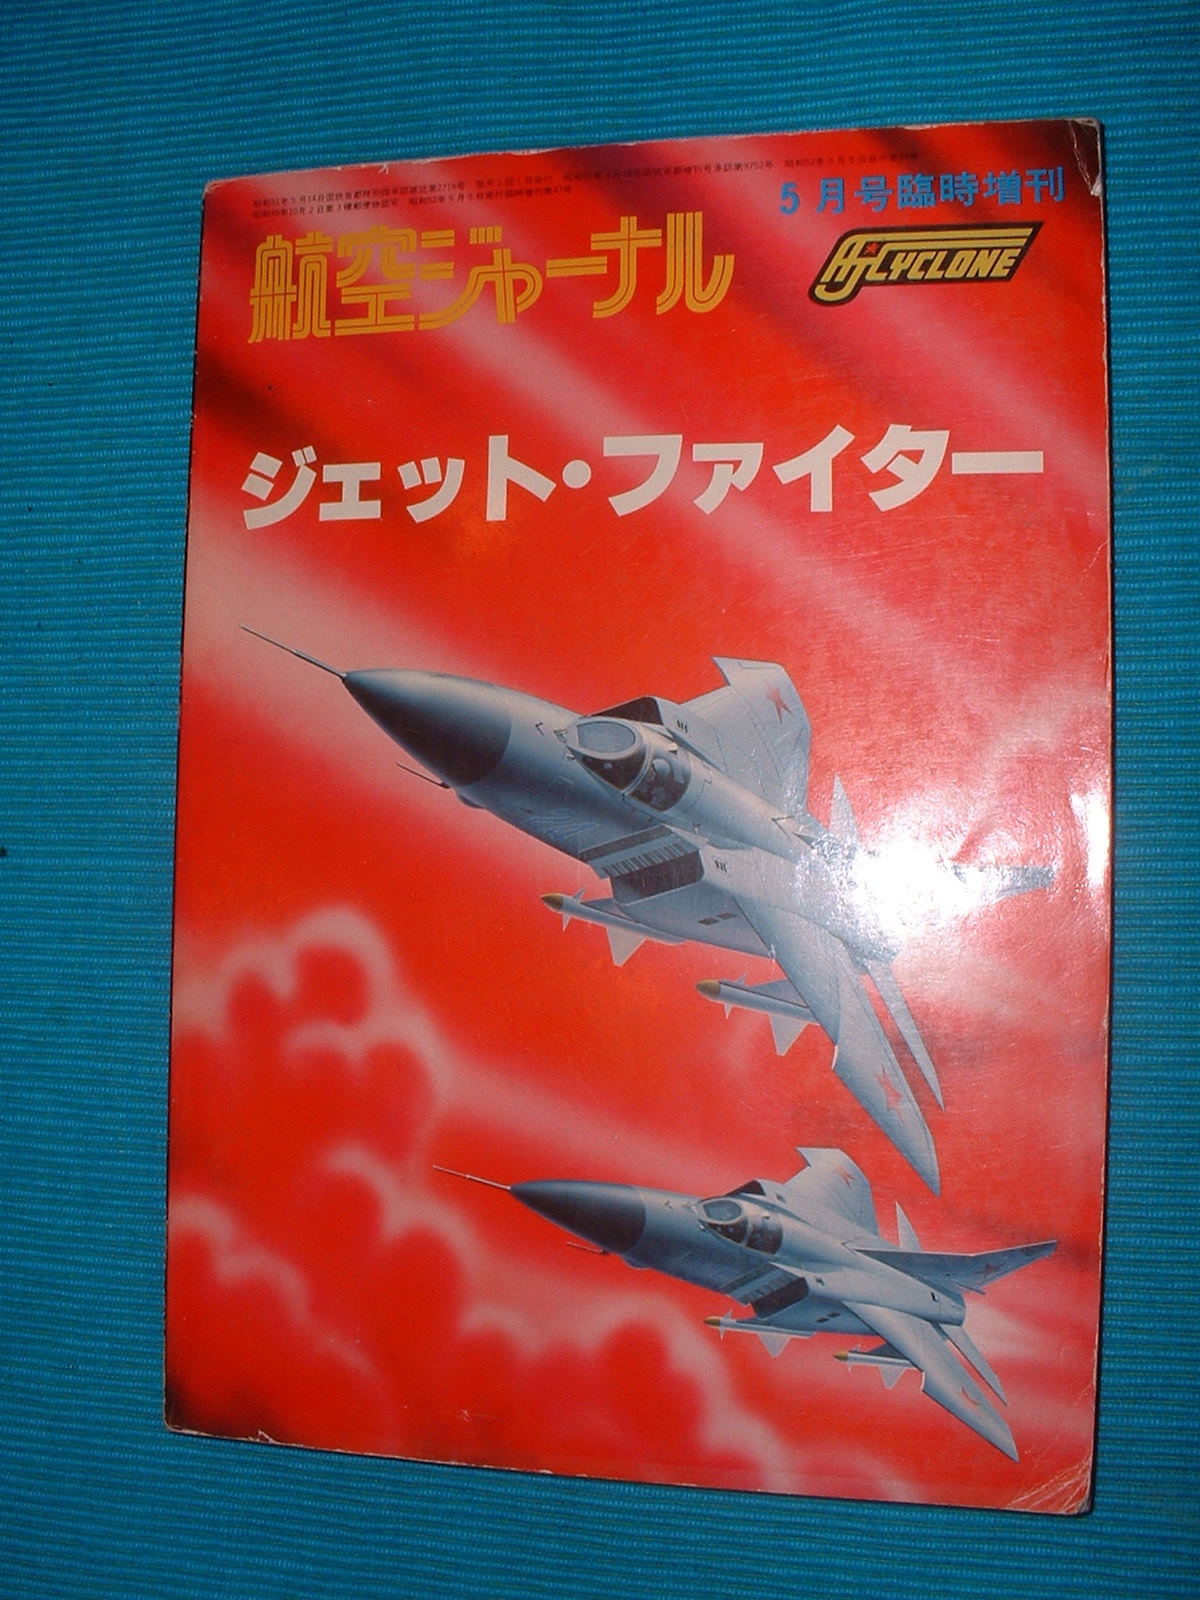 1977年刊行 航空ジャーナル別冊「ジェット・ファイター」.JPG